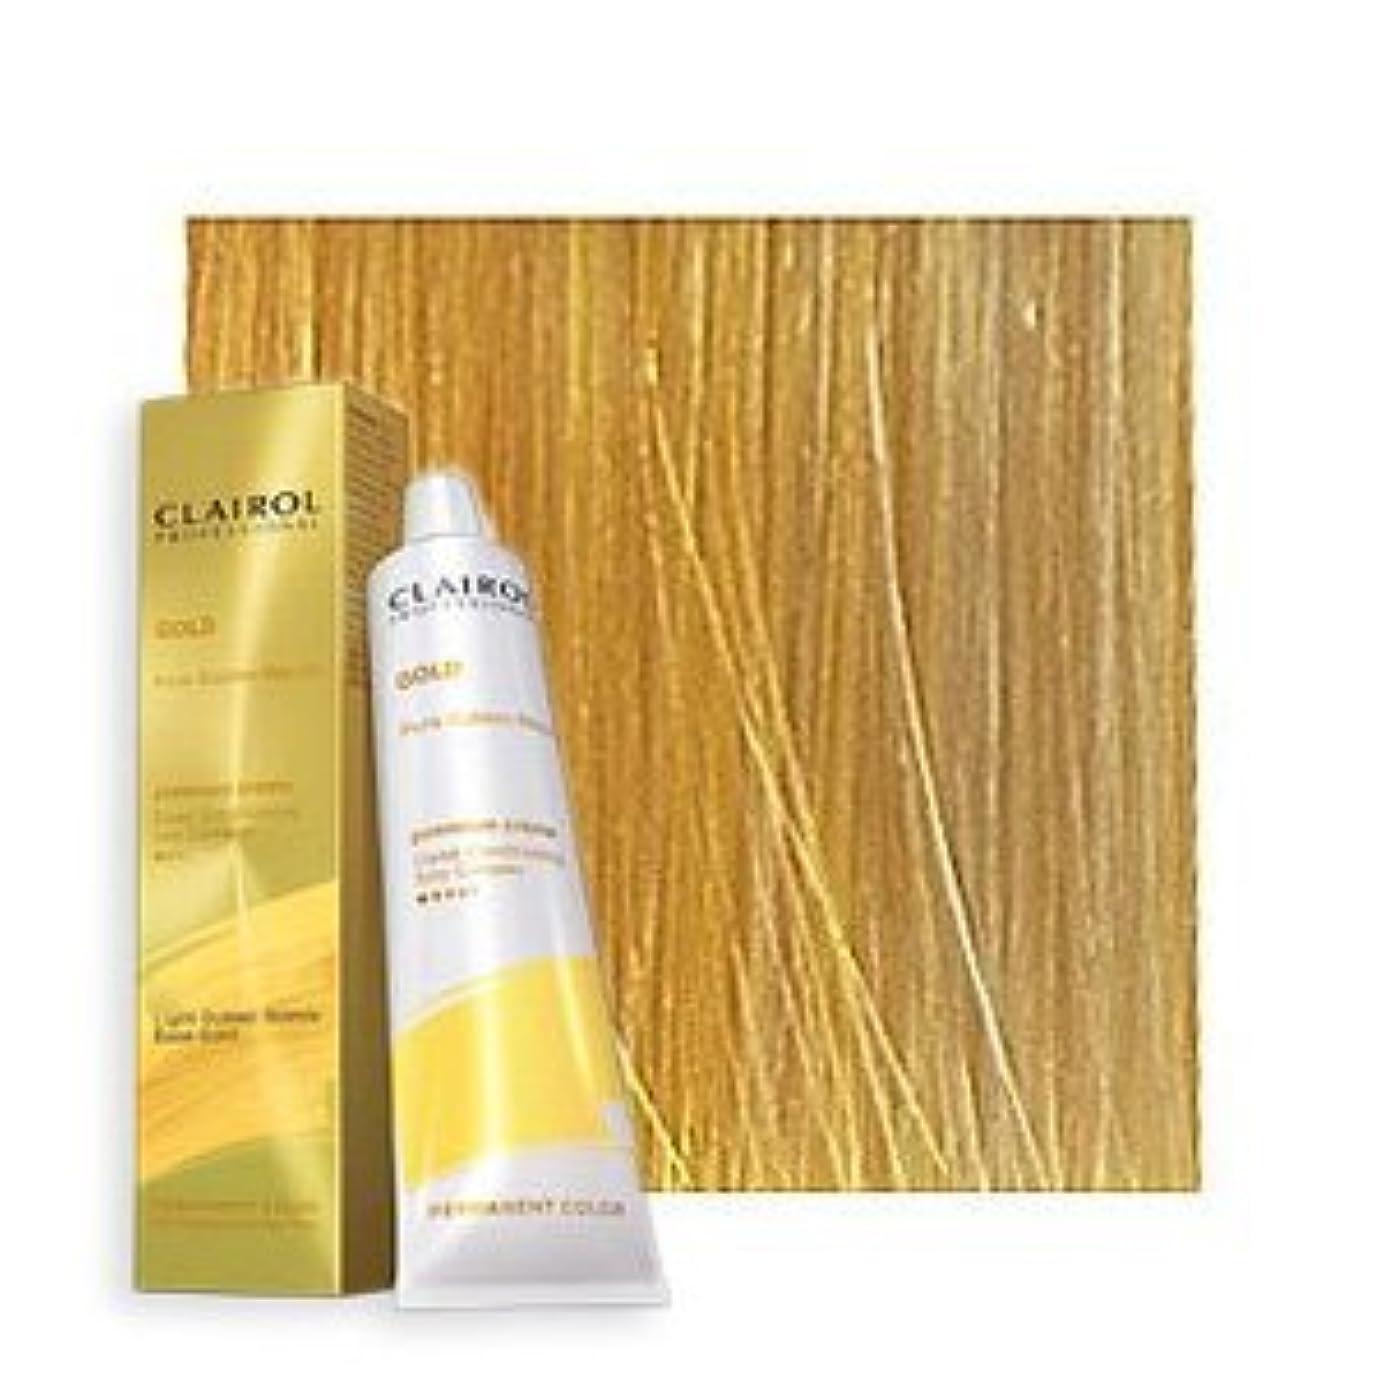 応用テロリスト取り出すClairol Professional - SOY4PLEX - Lightest Golden Blonde 10G - 2 oz / 57 g